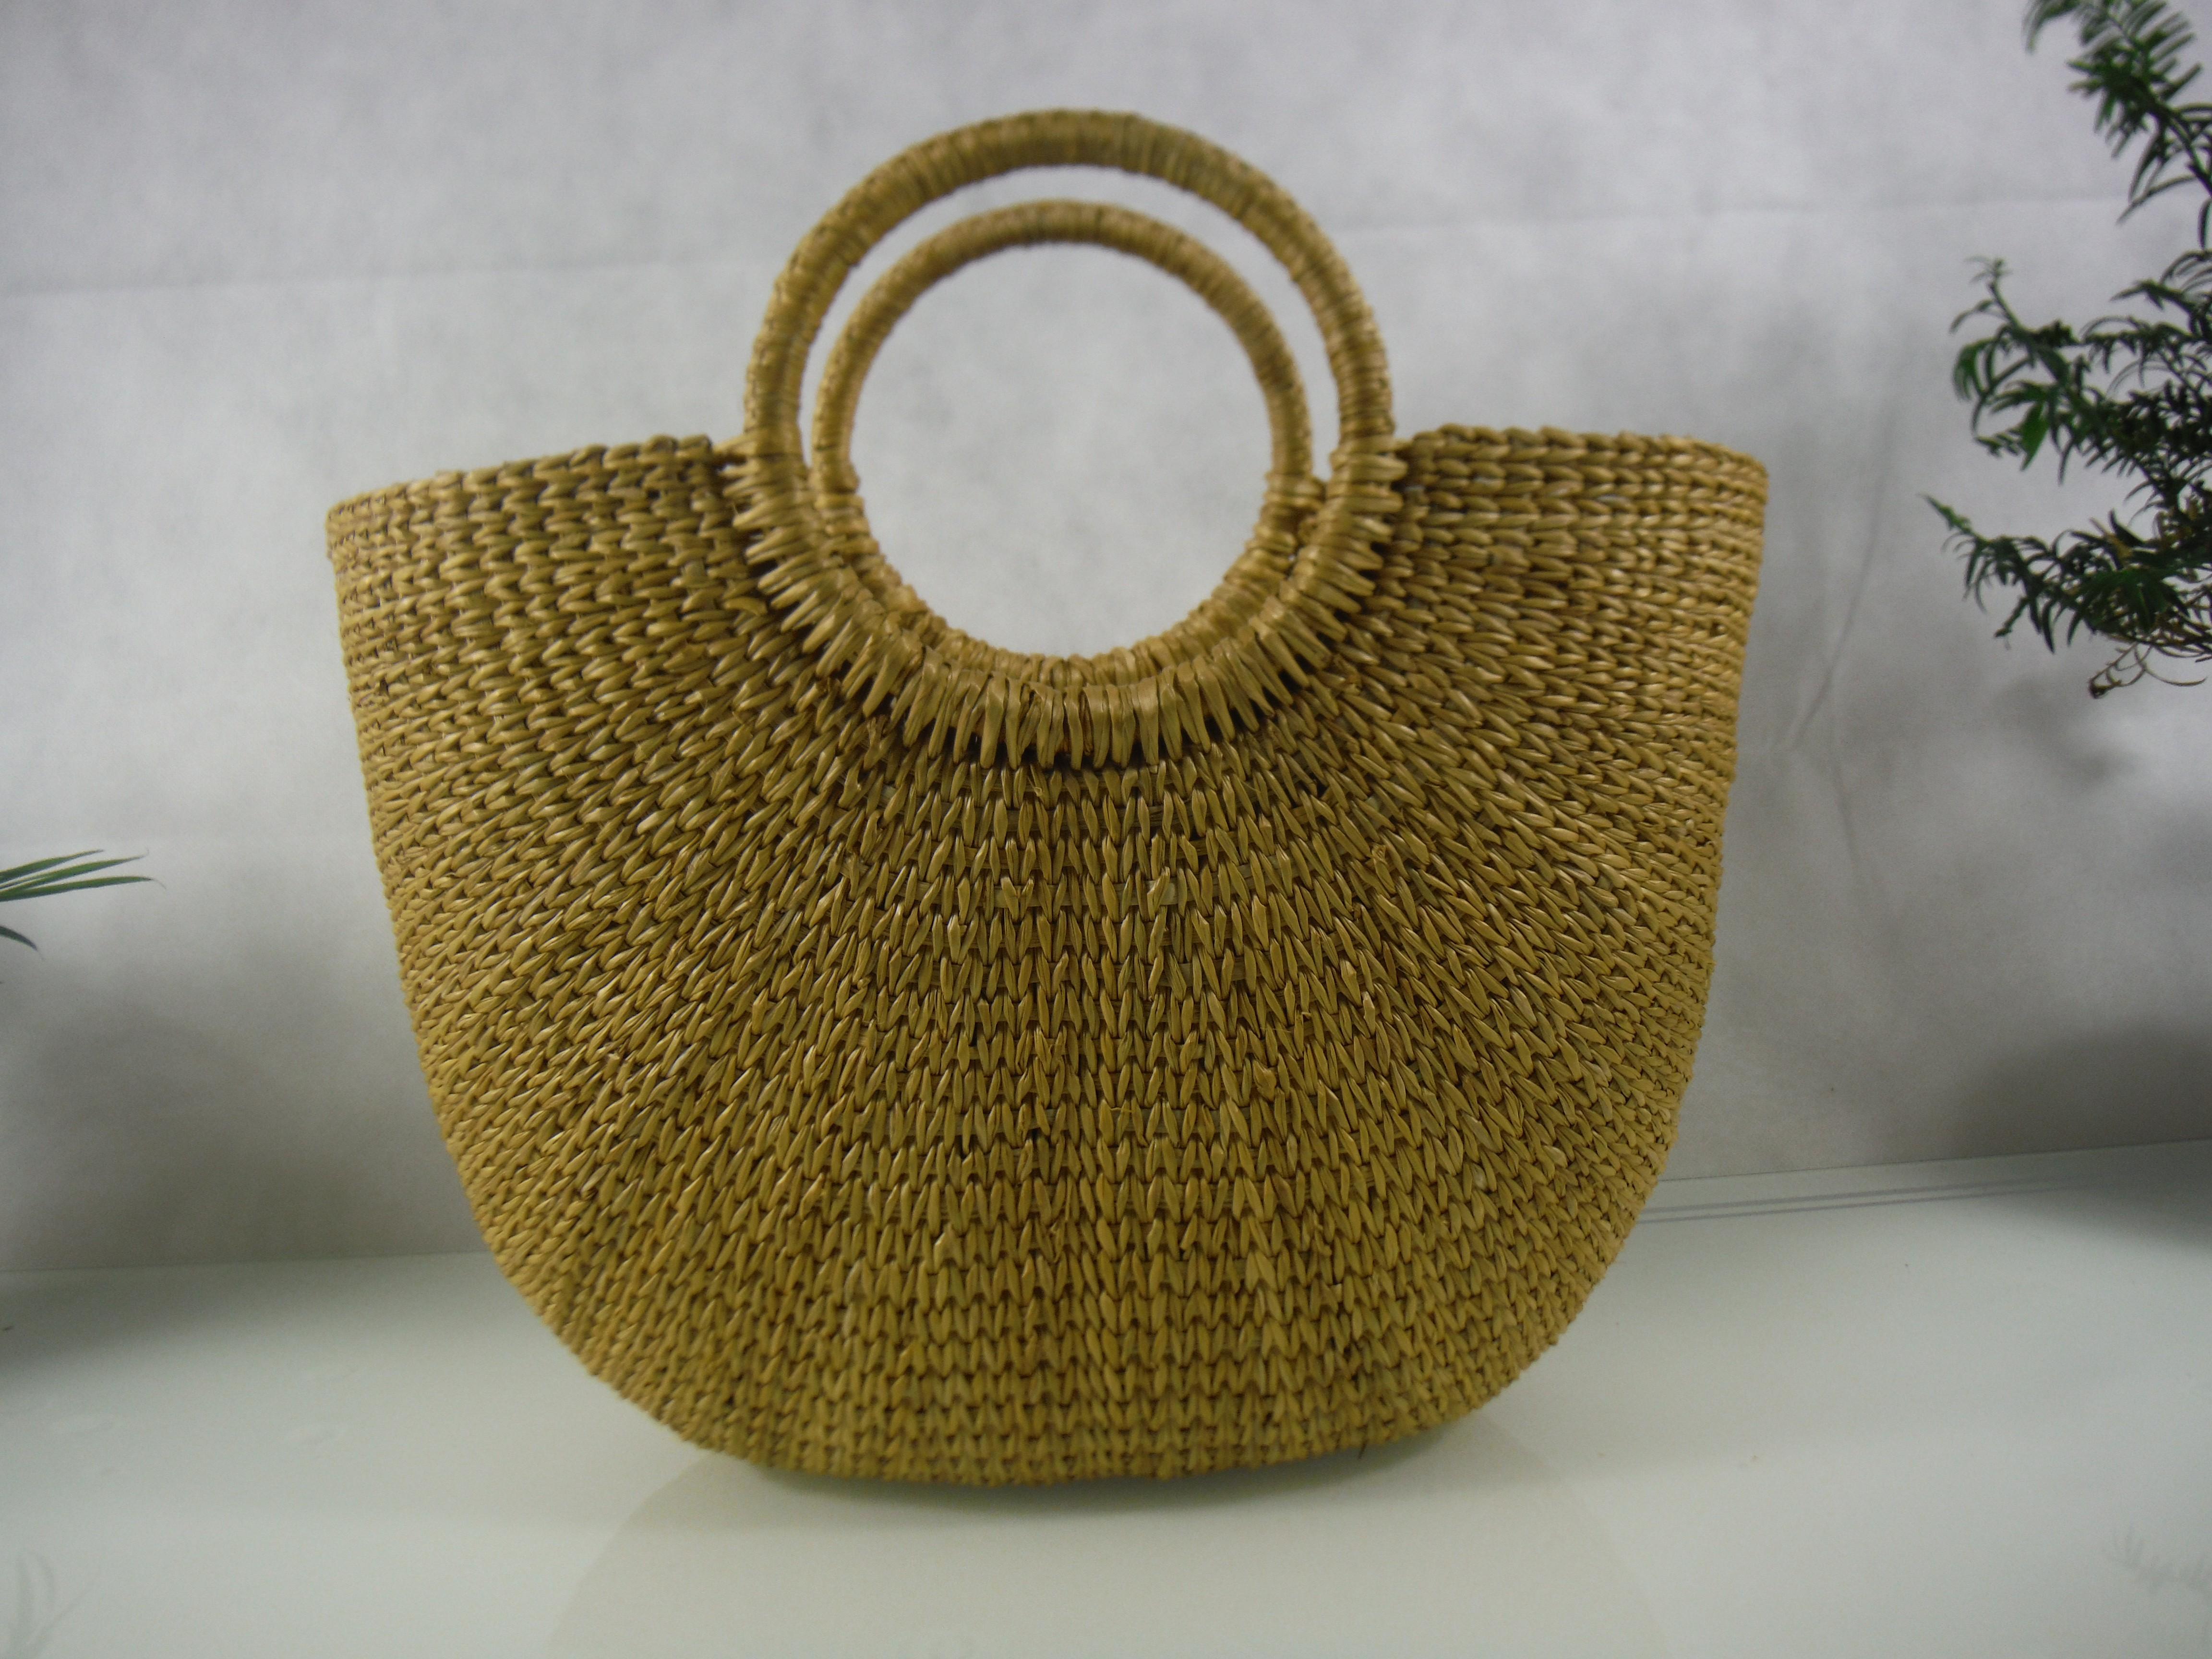 Straw beach bag straw tote picnic tote market bag beach bag picnic jpg  4608x3456 Beach picnic 1f5c8e64db8d7